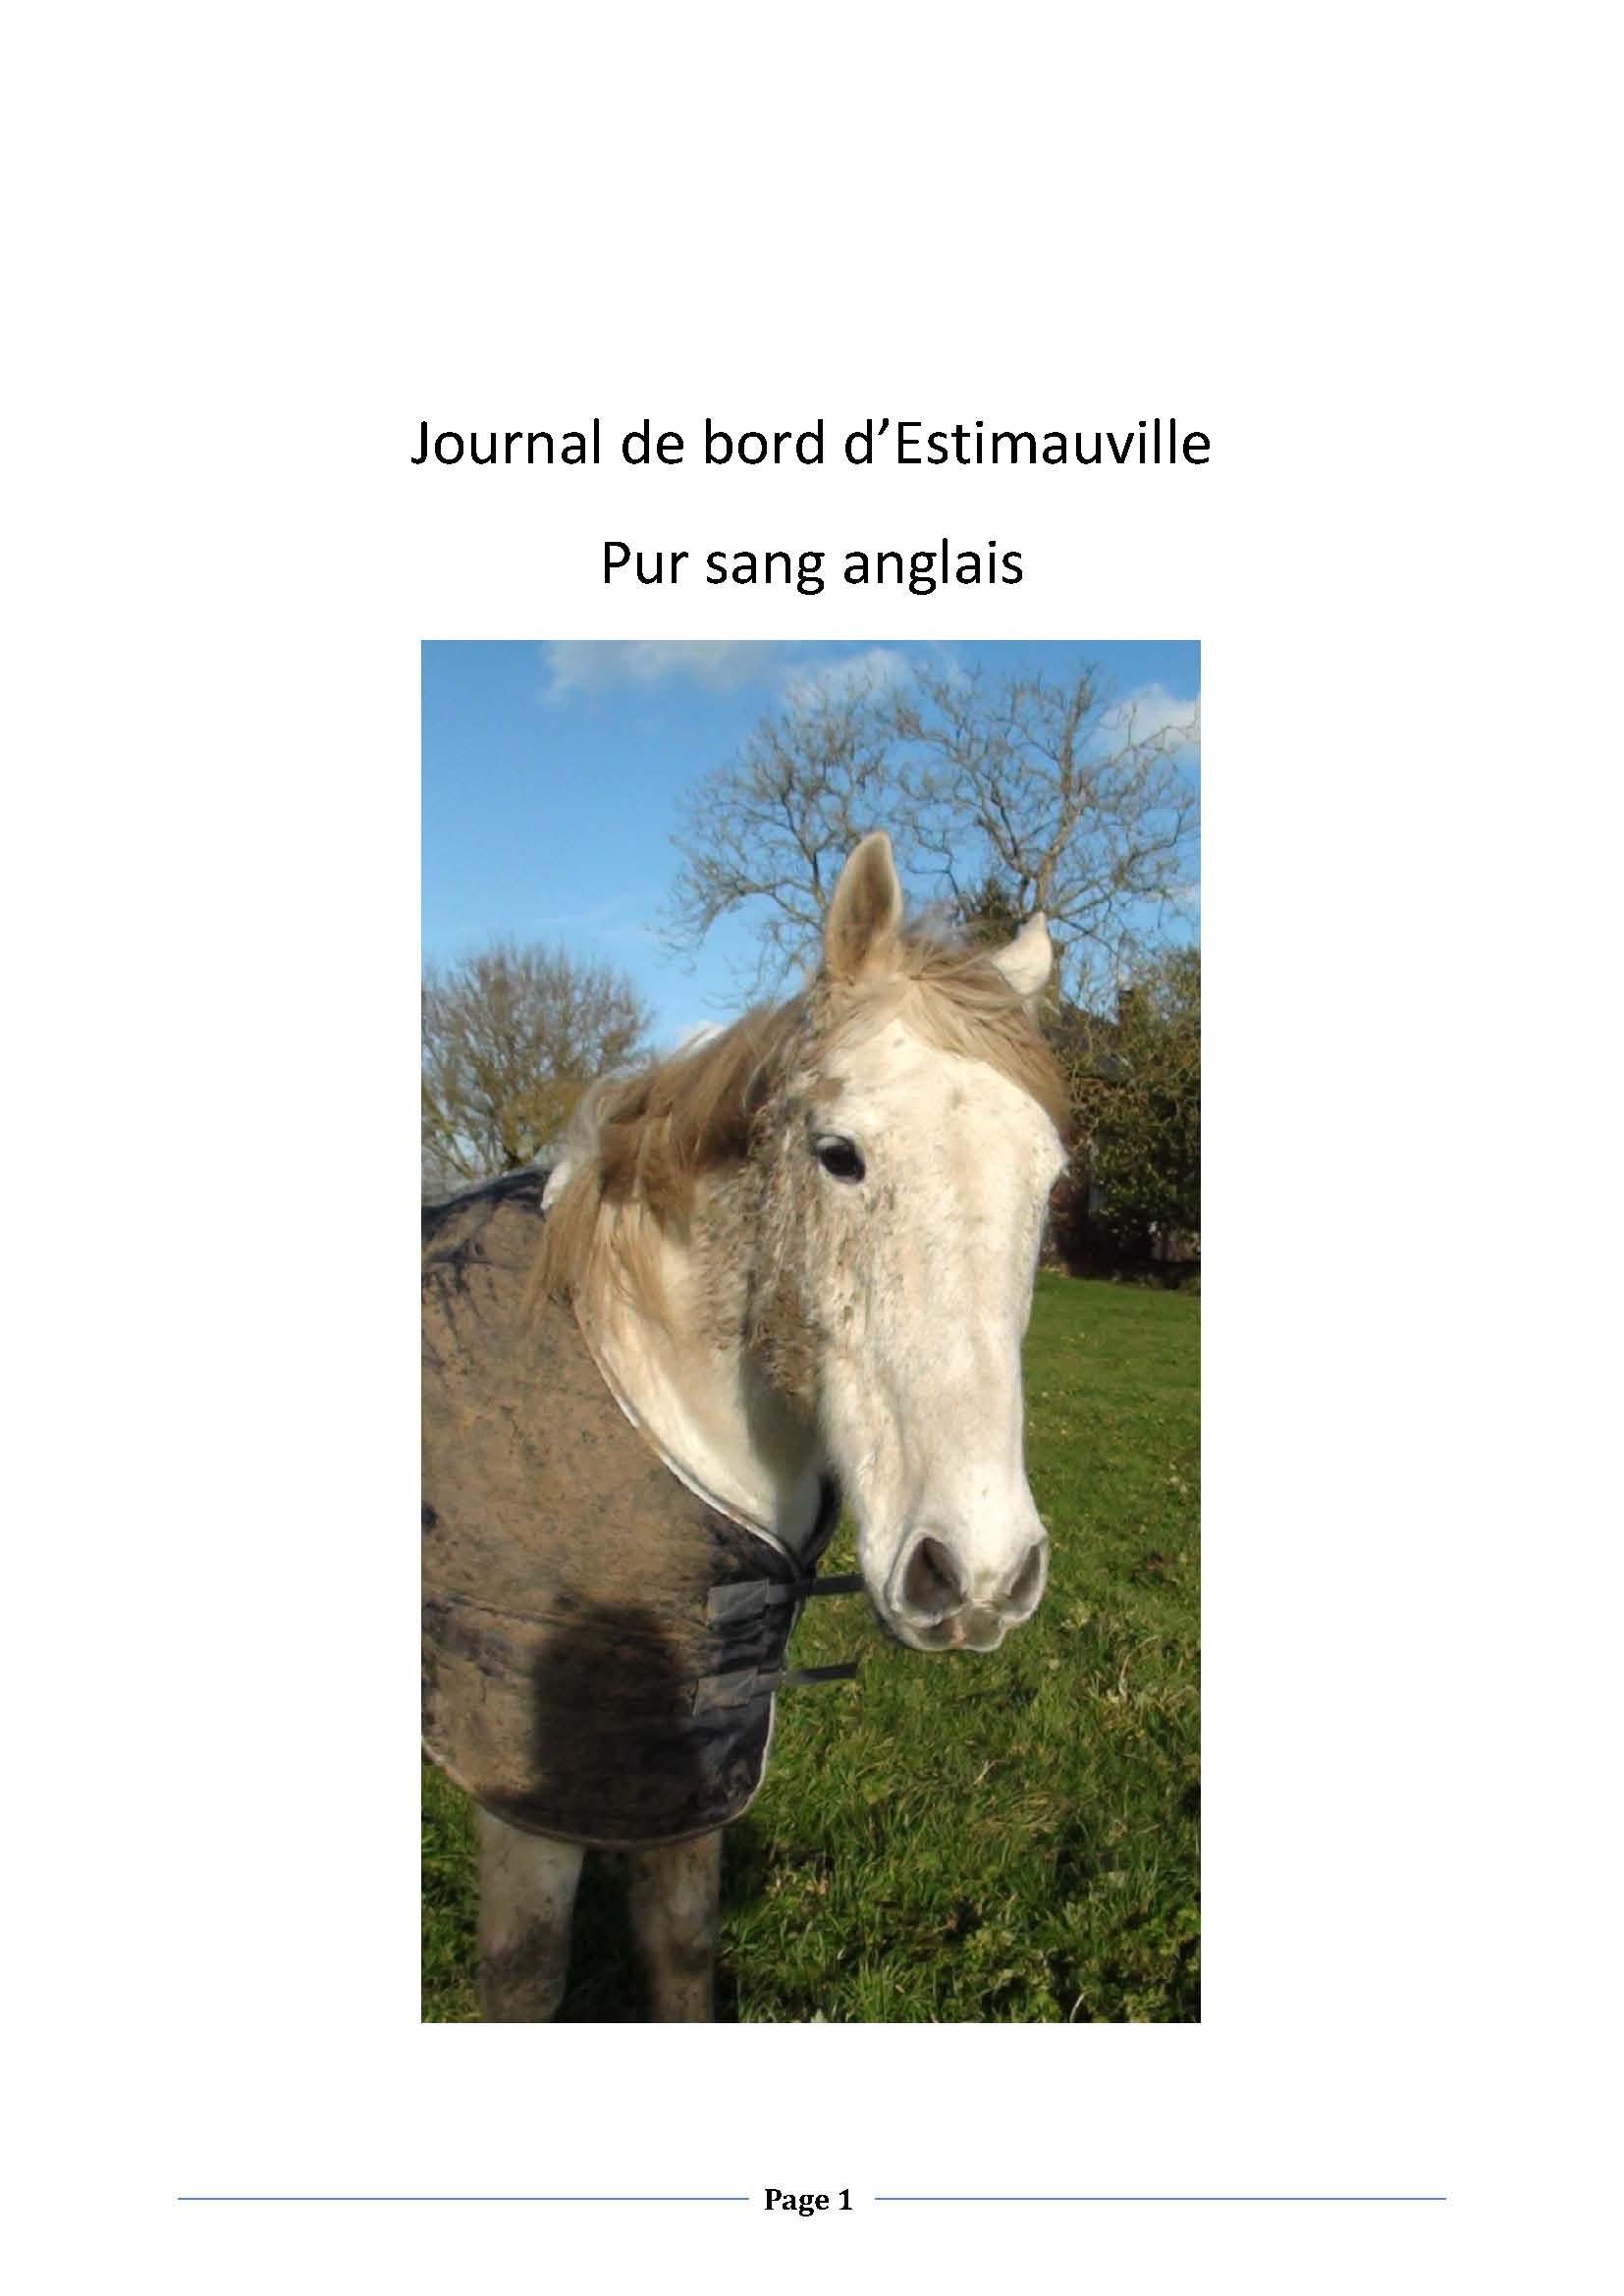 (dpt 76) ESTIMAUVILLE Pur sang Anglais, né en 2001, hongre, en FA chez Michèle76 - Page 5 299154janvierPage01